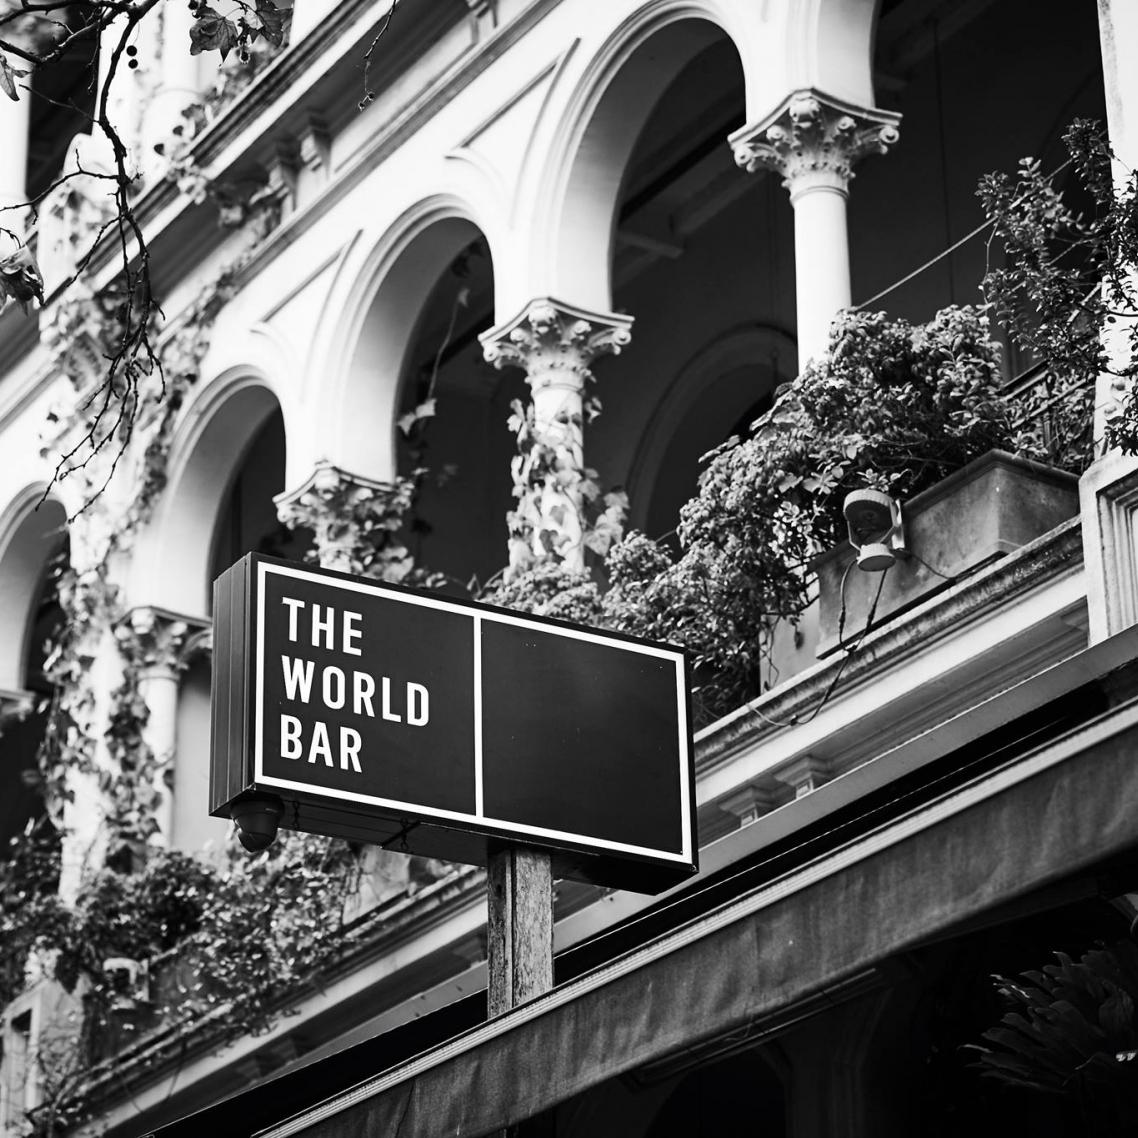 The World Bar Main Image